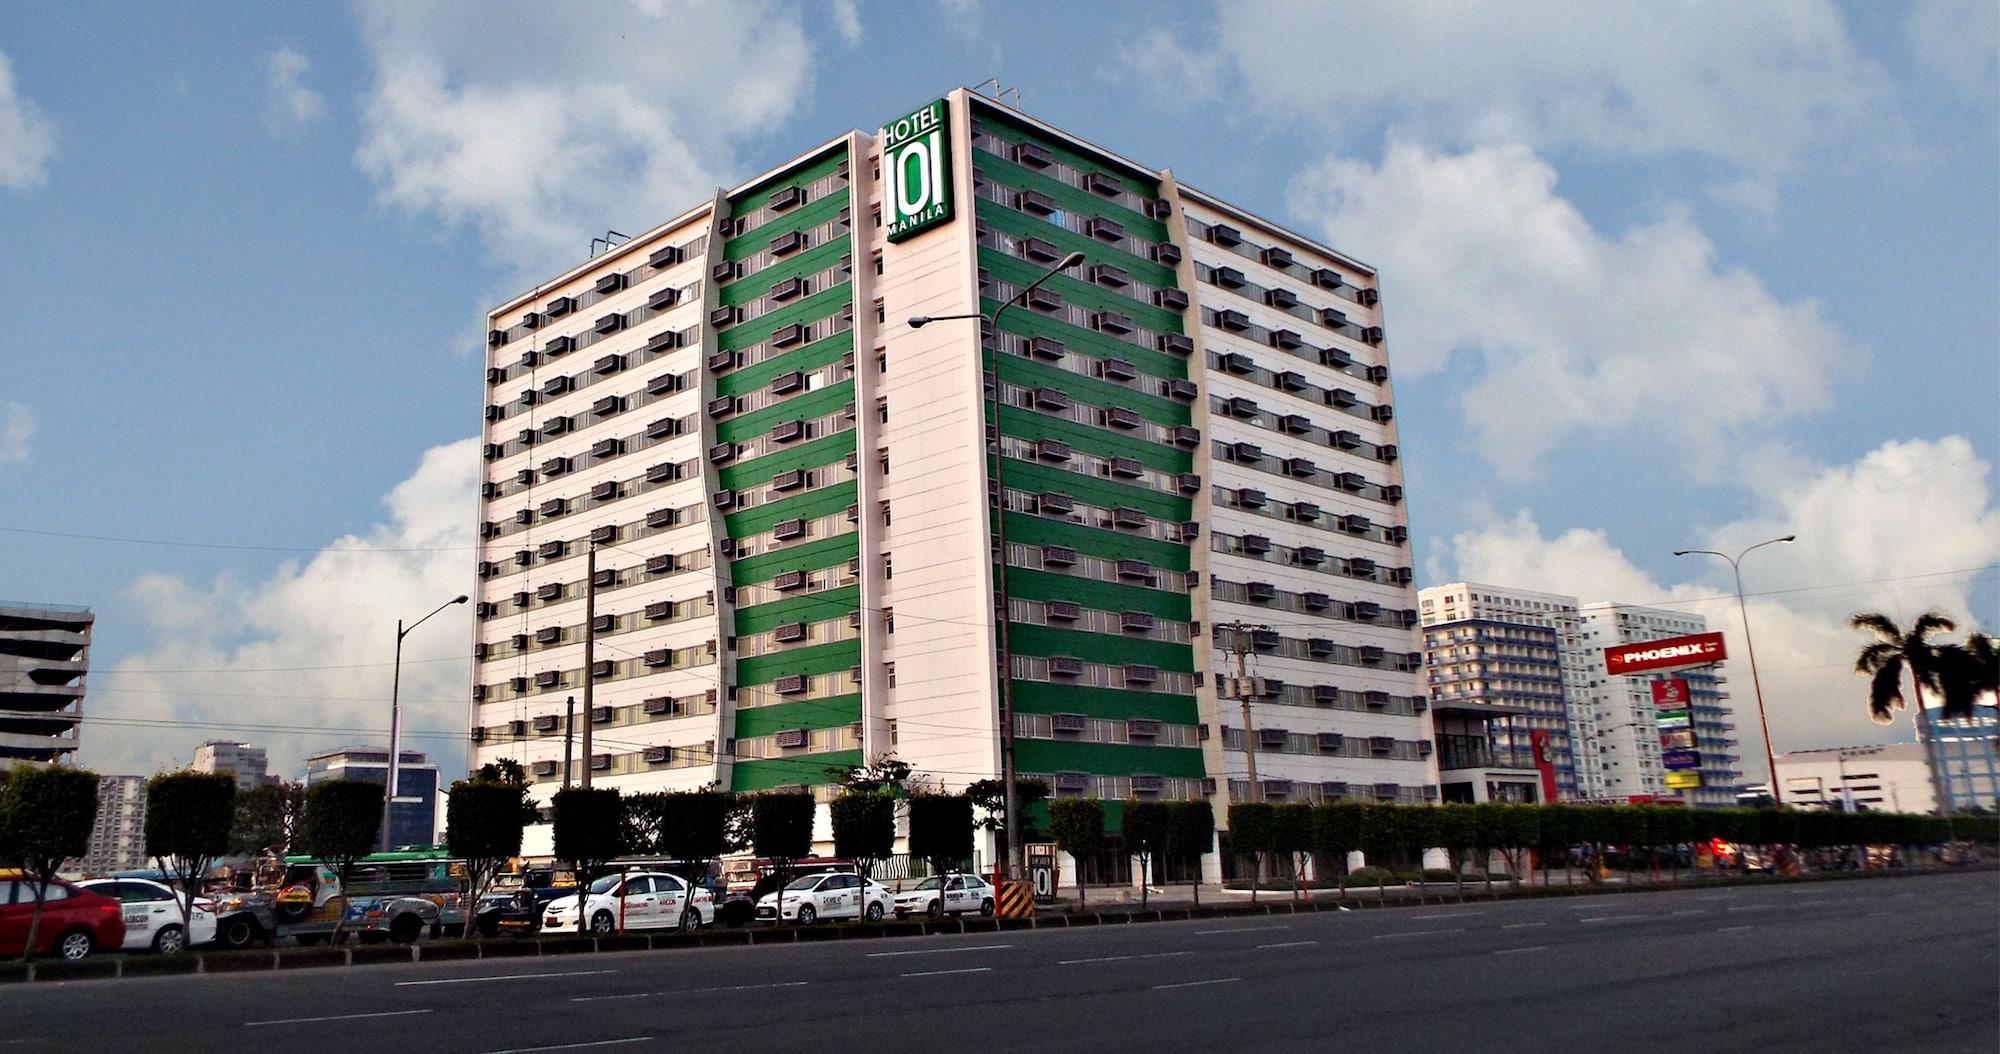 Hotel 101 Manila, Pasay City